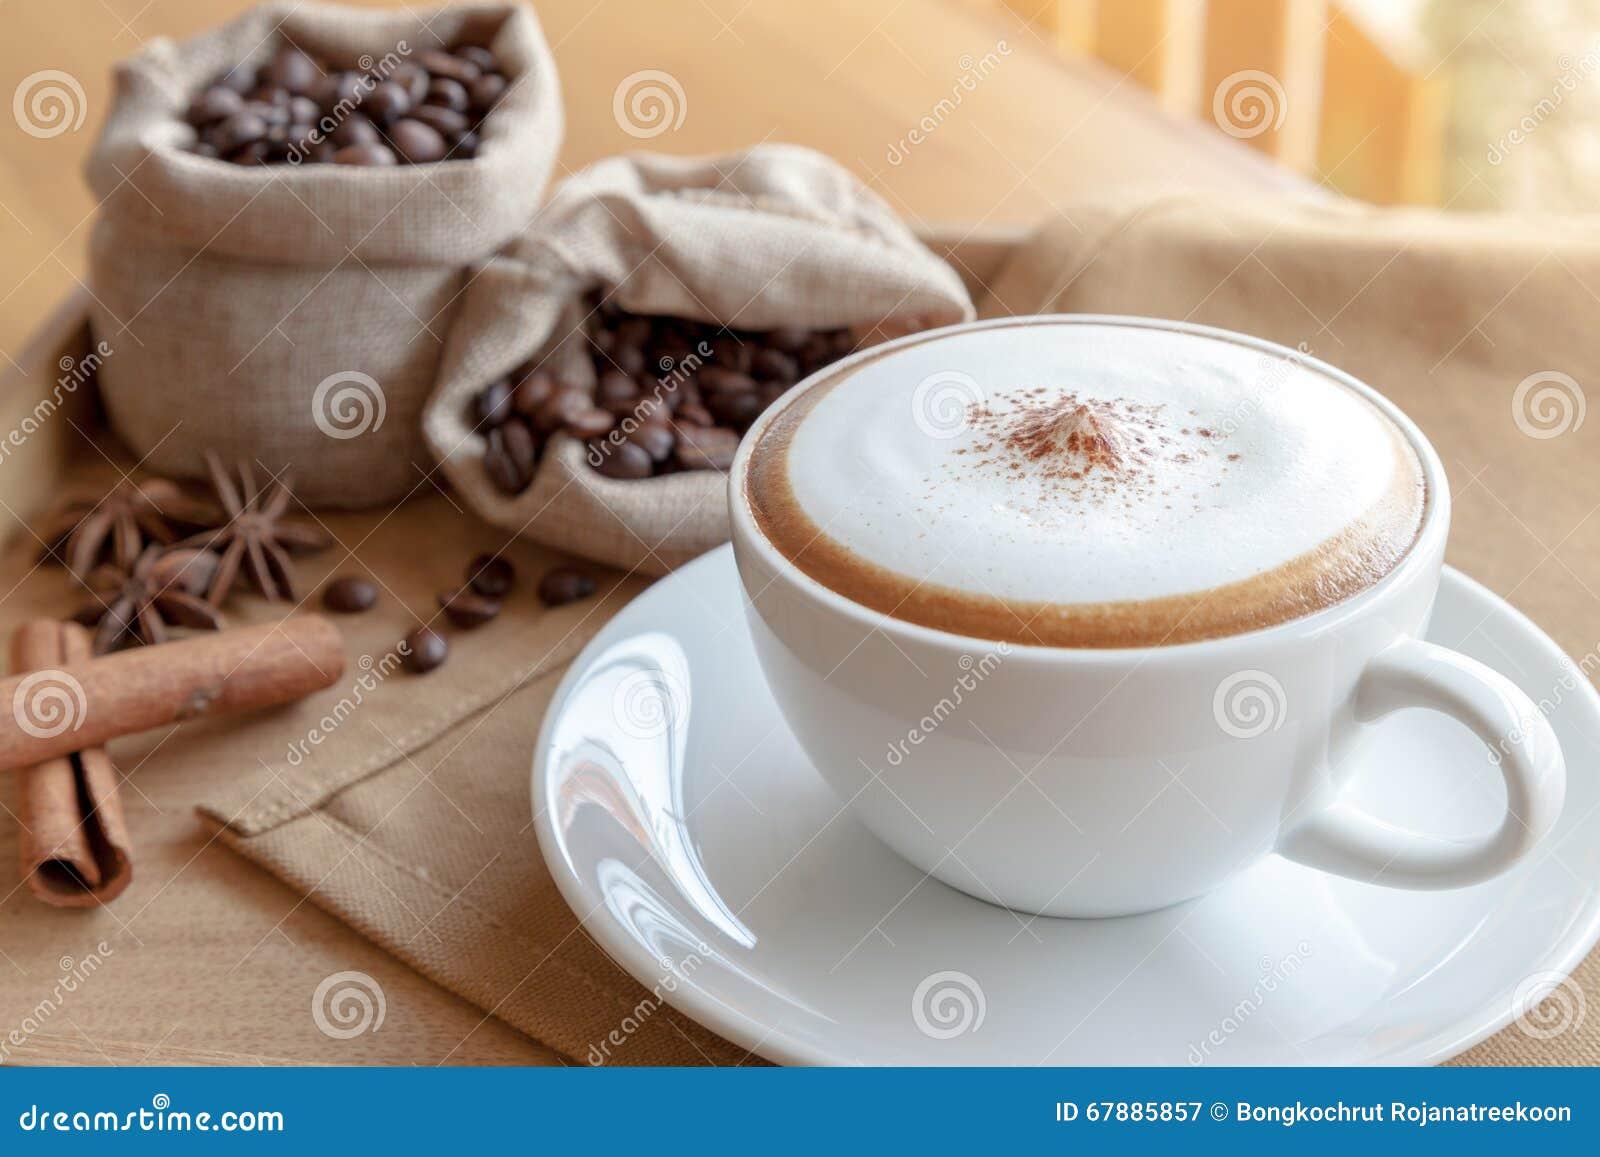 一个杯子热奶咖啡和草本在餐巾